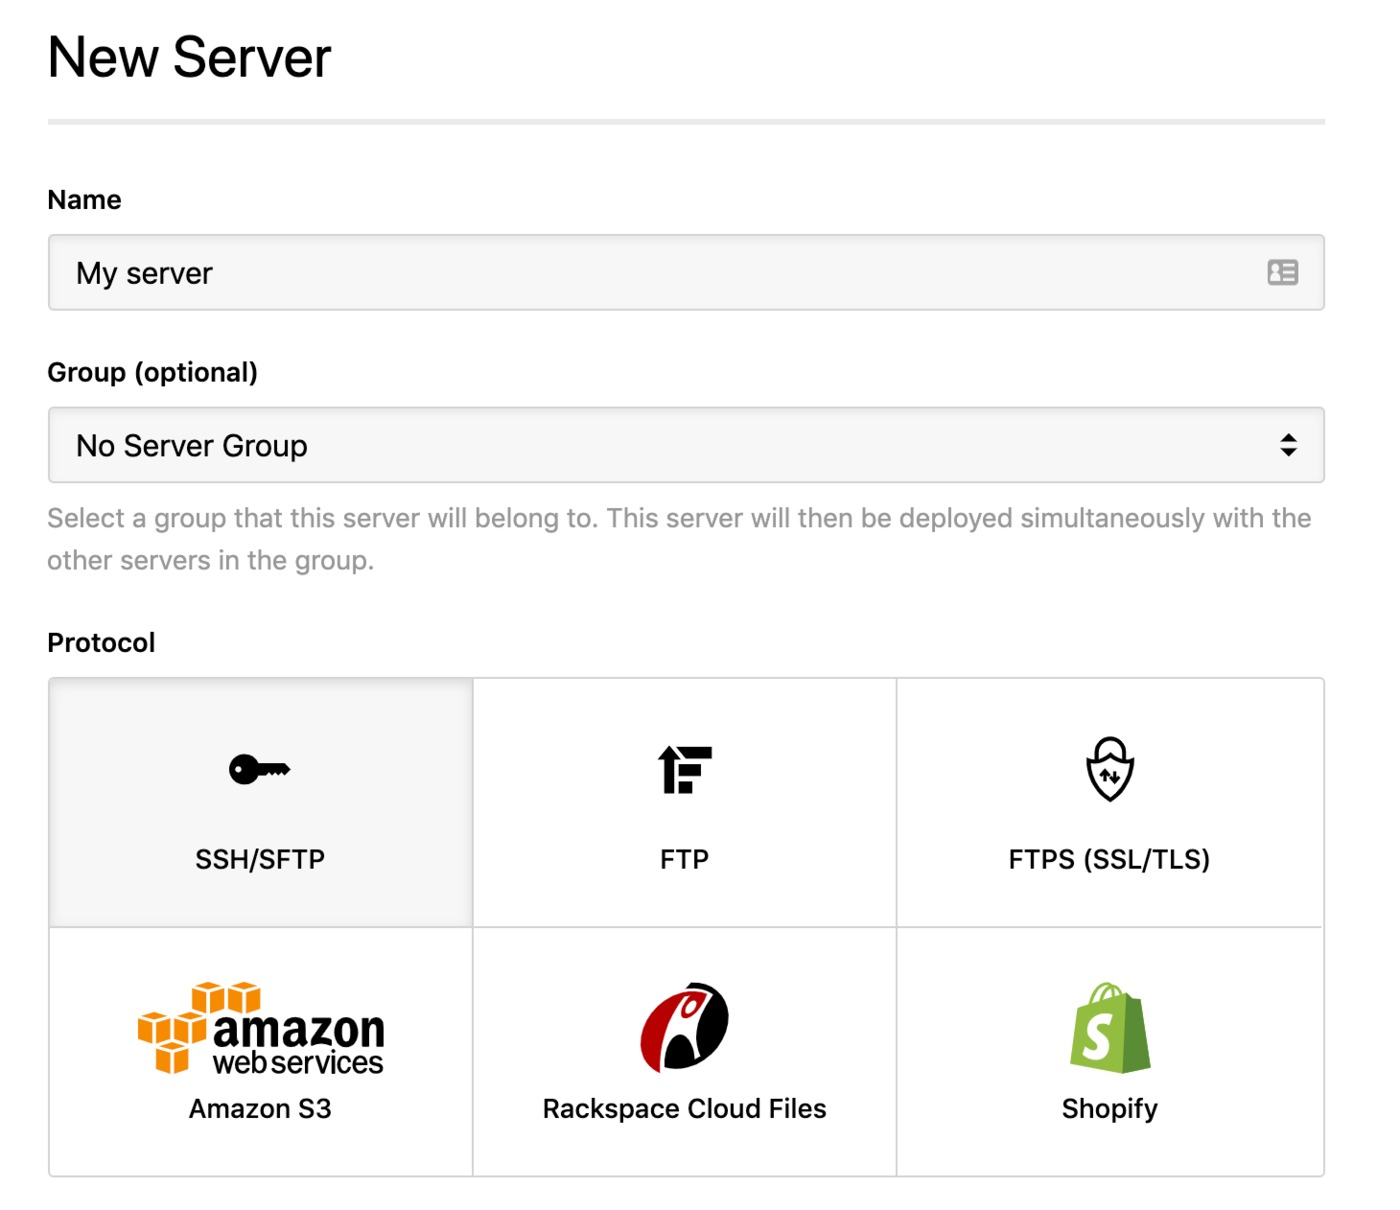 Adding a new server